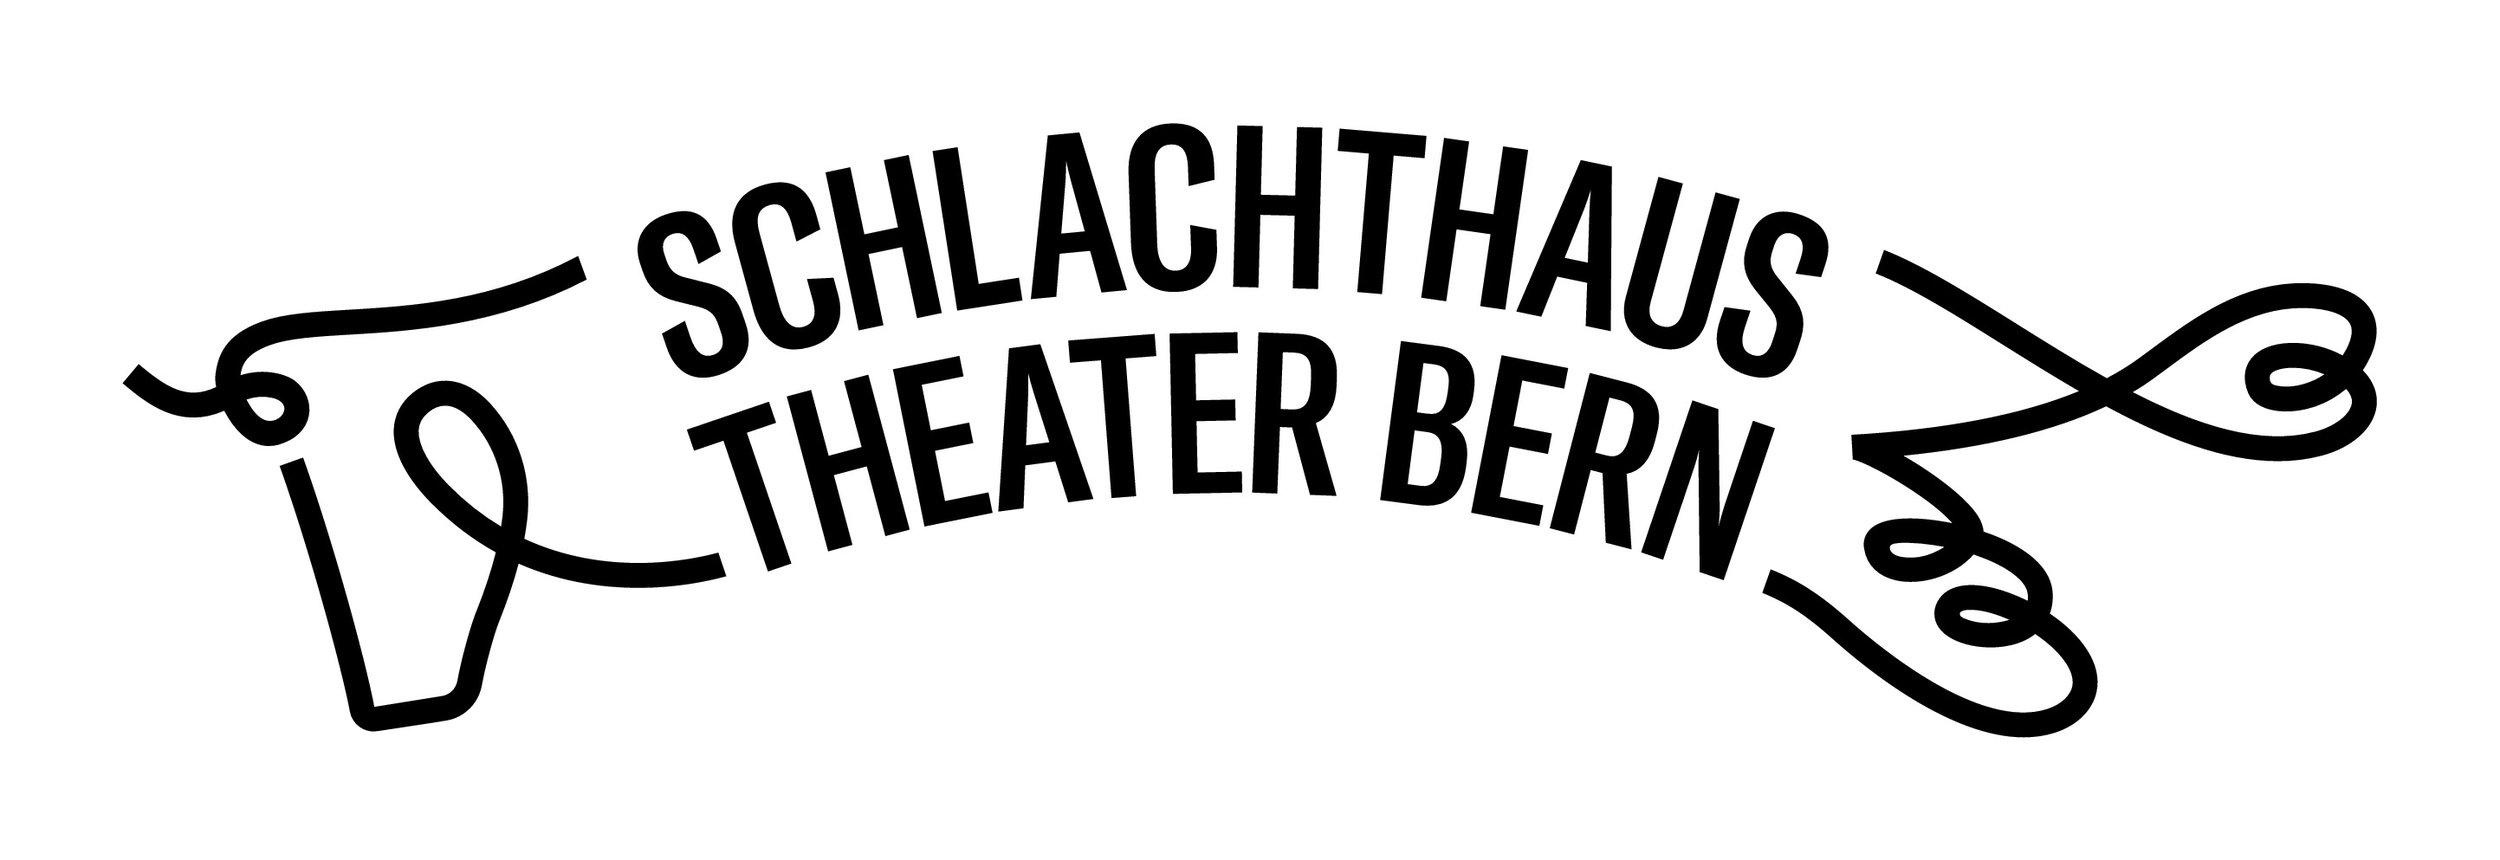 - Das Schlachthaus Theater Bern bietet seit einigen Jahren Stücke für das jüngste Publikum an. Ab 2018 lanciert es zusammen mit dem Verein PRIMA Projekte in Kitas. Ausserdem gibt es ab Herbst 2017 einen offenen Spielnachmittag im Theater.